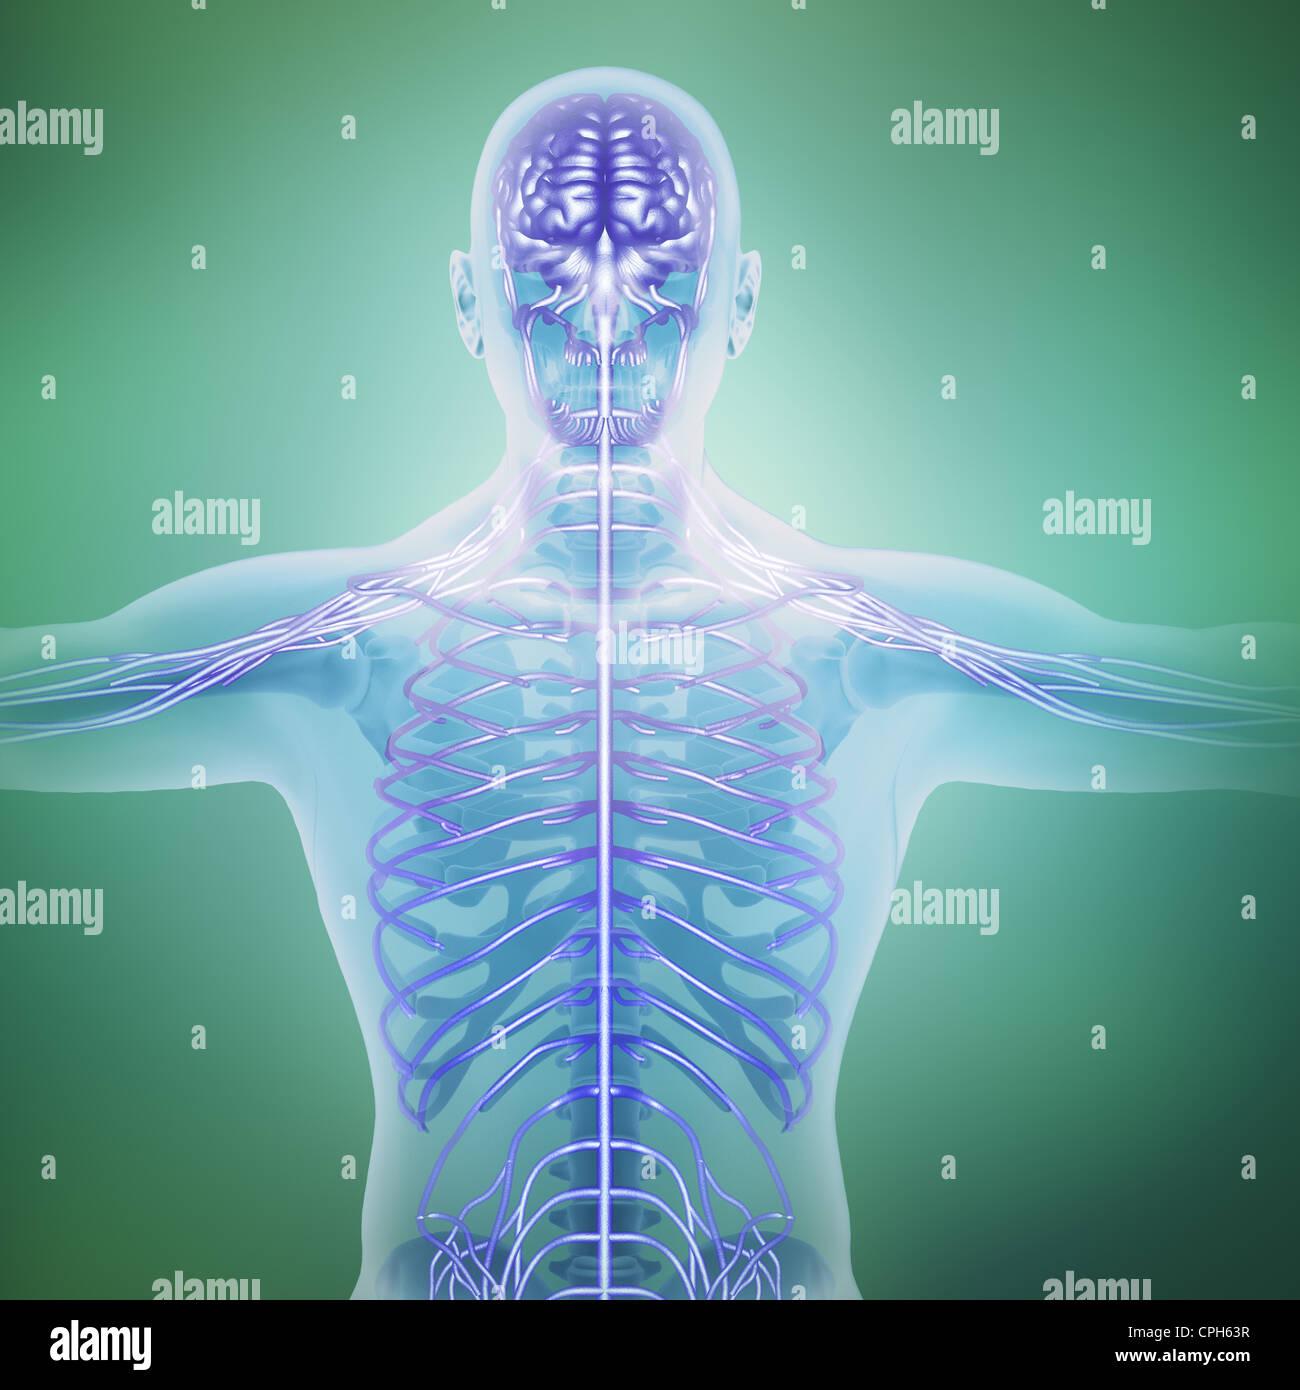 Ilustración de la anatomía humana - sistema nervioso central Foto de stock